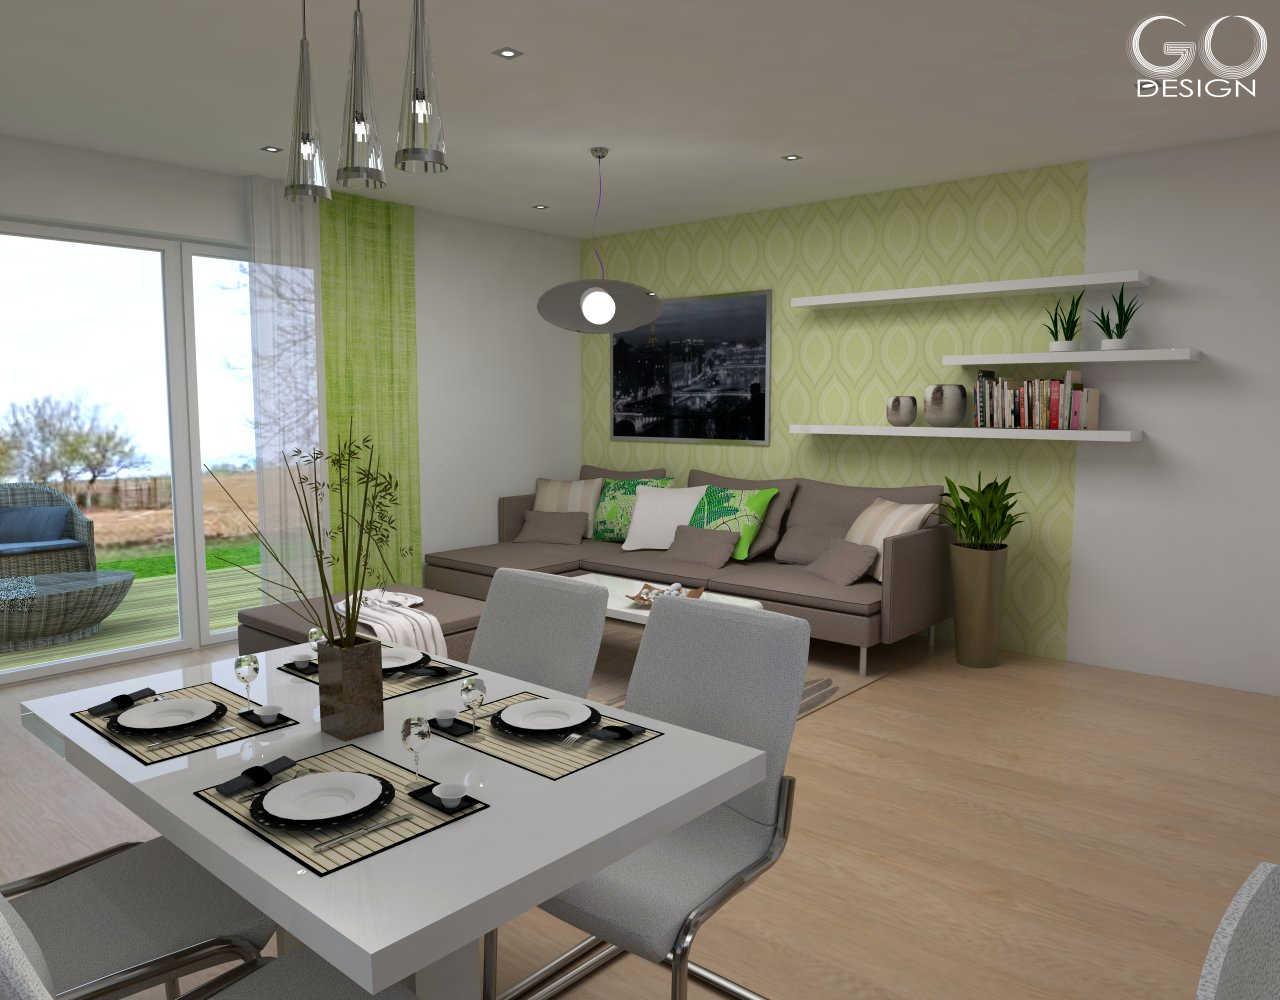 Rodinný domček so sviežim interiérom pre mladý pár - Viničné - Ktorý variant steny sa páči vám?  Variant A